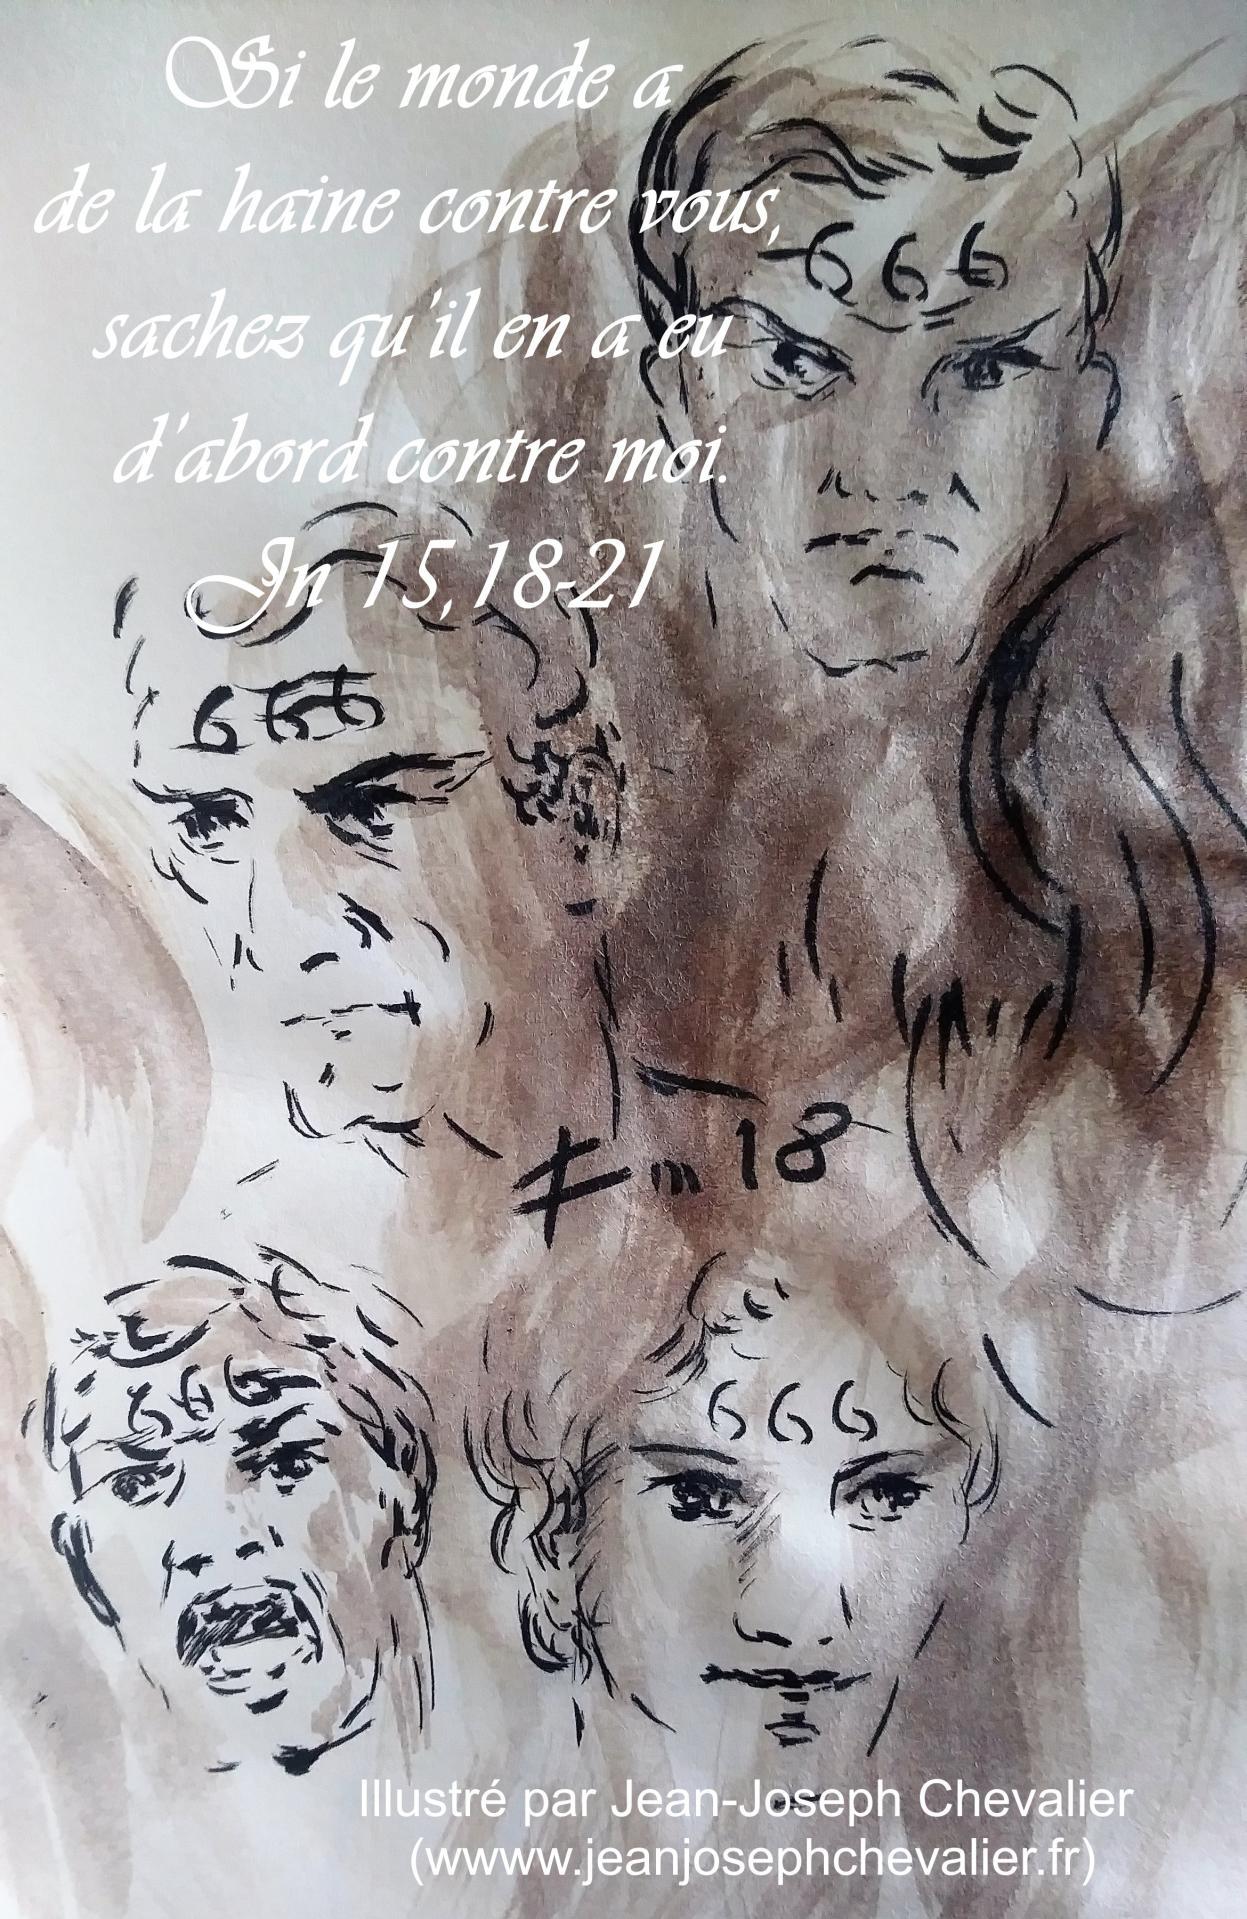 5 mai 2018 evangile du jour illustre par un dessin au lavis de jean joseph chevalier image